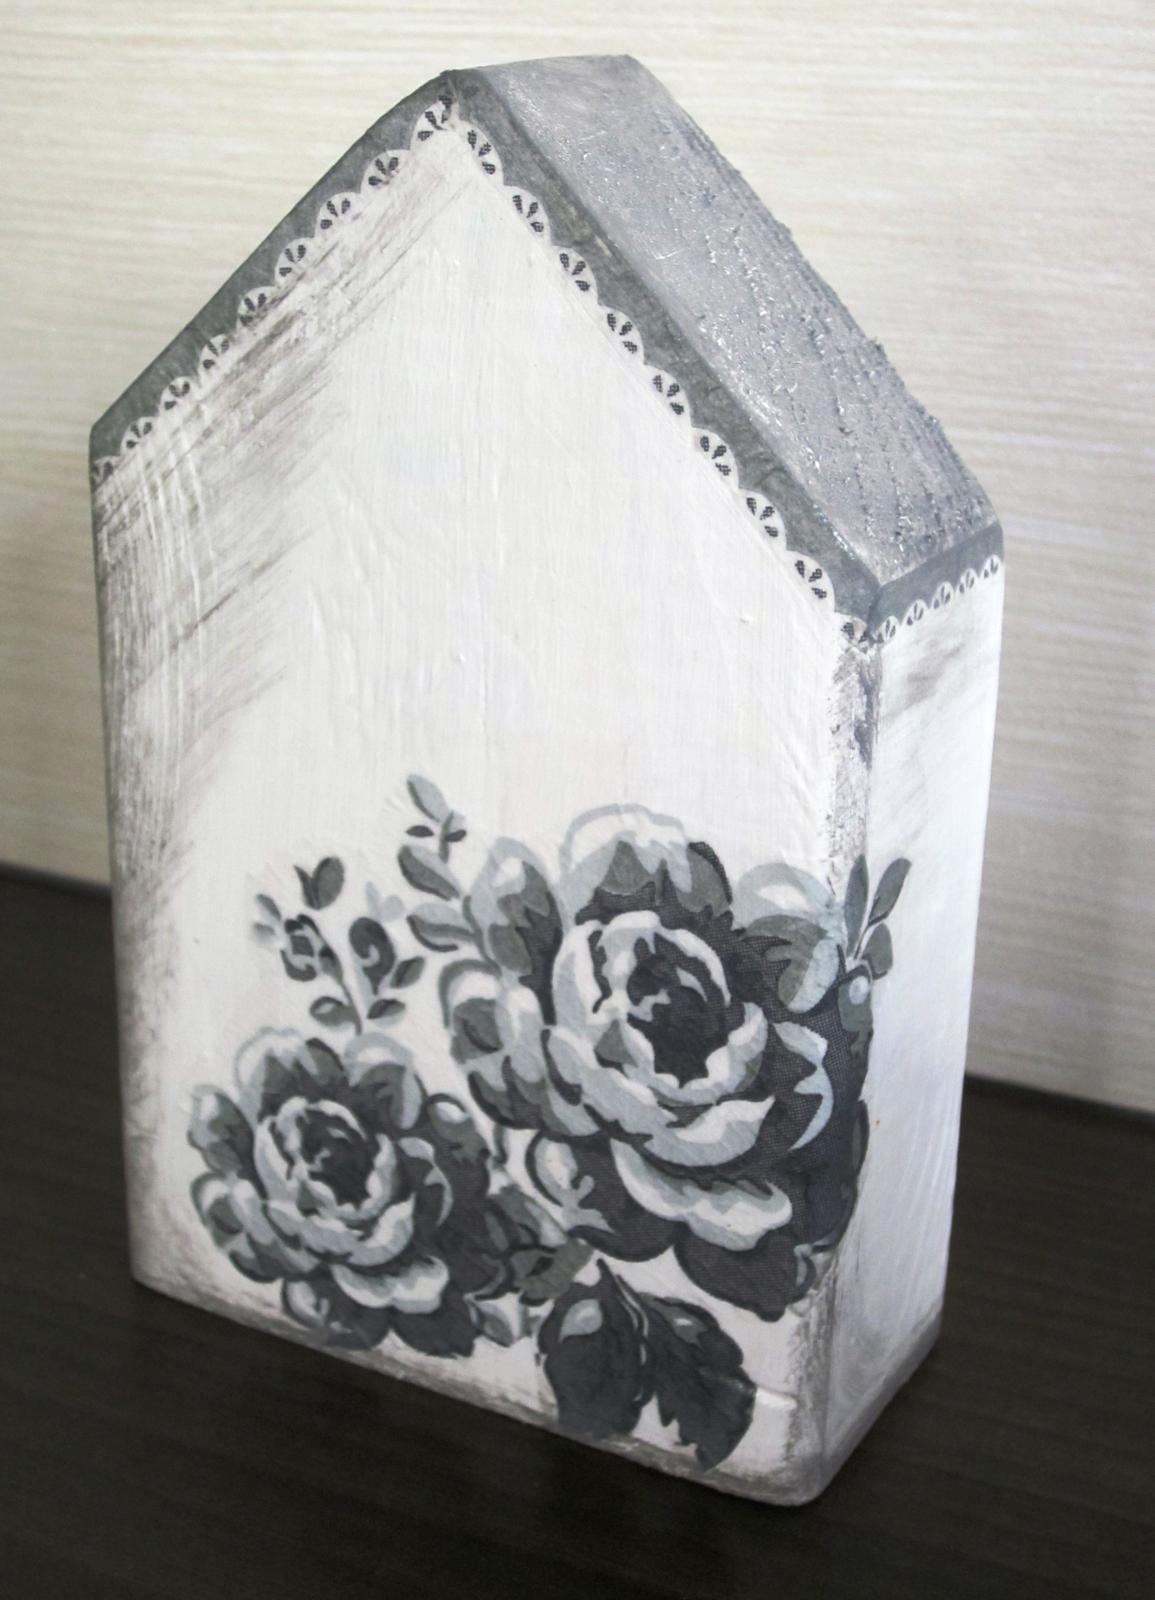 Moje výtvory - Domeček ze zbytků dřeva+ trocha barvy + ubrousek = dekorace skoro zadarmo :-)